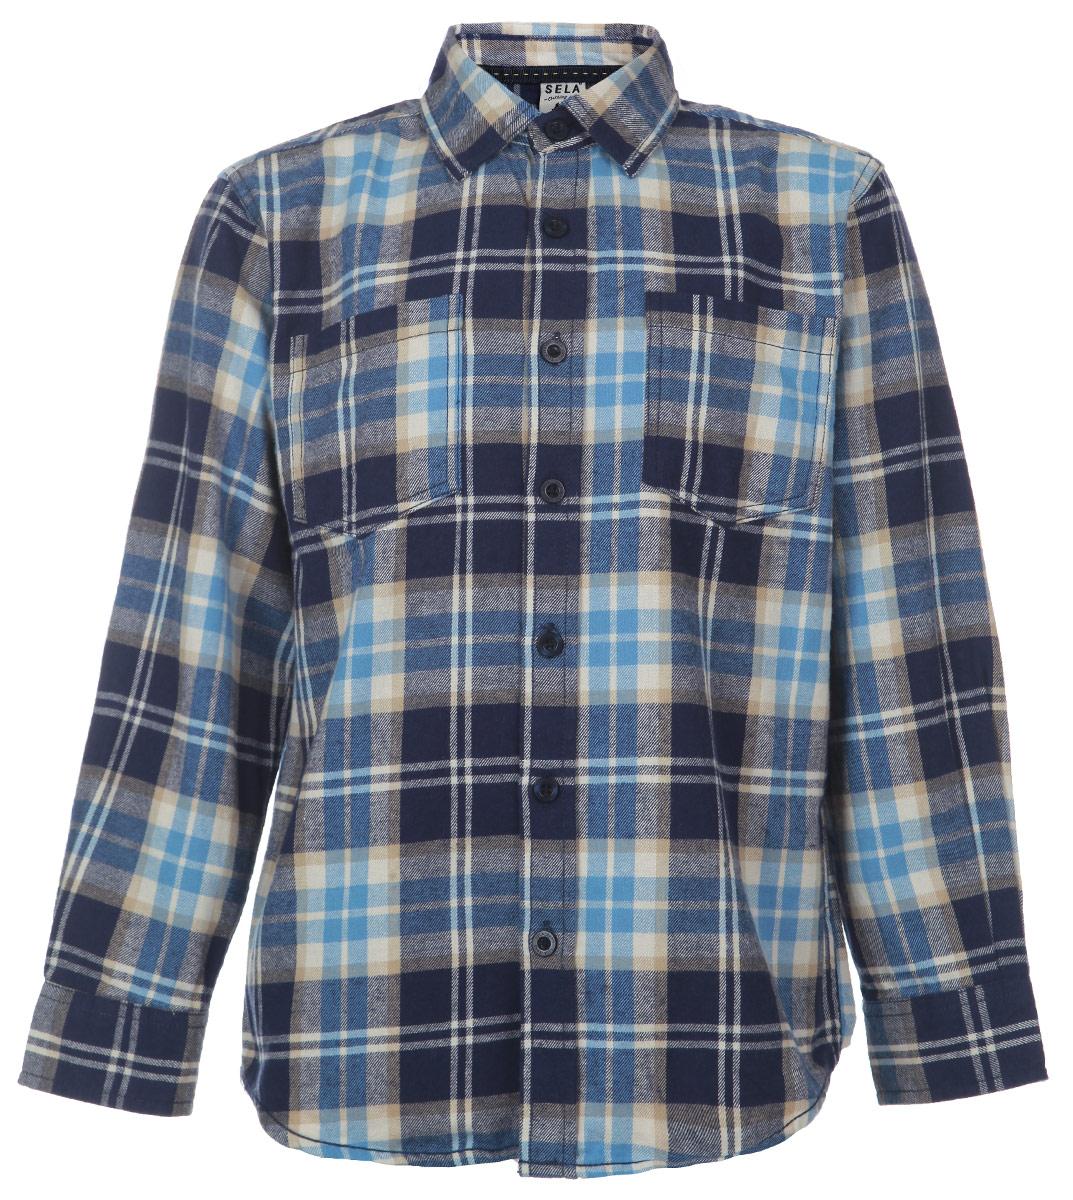 Рубашка для мальчика. H-812/148-5414H-812/148_5414Утепленная рубашка для мальчика Sela с длинными рукавами идеально подойдет вашему ребенку и станет отличным дополнением к детскому гардеробу. Изготовленная из натурального хлопка, она необычайно мягкая и приятная на ощупь, не сковывает движения и позволяет коже дышать, не раздражает даже самую нежную и чувствительную кожу ребенка, обеспечивая ему наибольший комфорт. Рубашка с отложным воротничком застегивается на пуговицы по всей длине. На груди предусмотрены два накладных кармашка. Рукава украшены декоративными заплатами и понизу дополнены широкими манжетами на пуговицах. Оформлена модель принтом в клетку. Современный дизайн и расцветка делают эту рубашку модным и стильным предметом детского гардероба. В ней ваш маленький мужчина всегда будет в центре внимания!